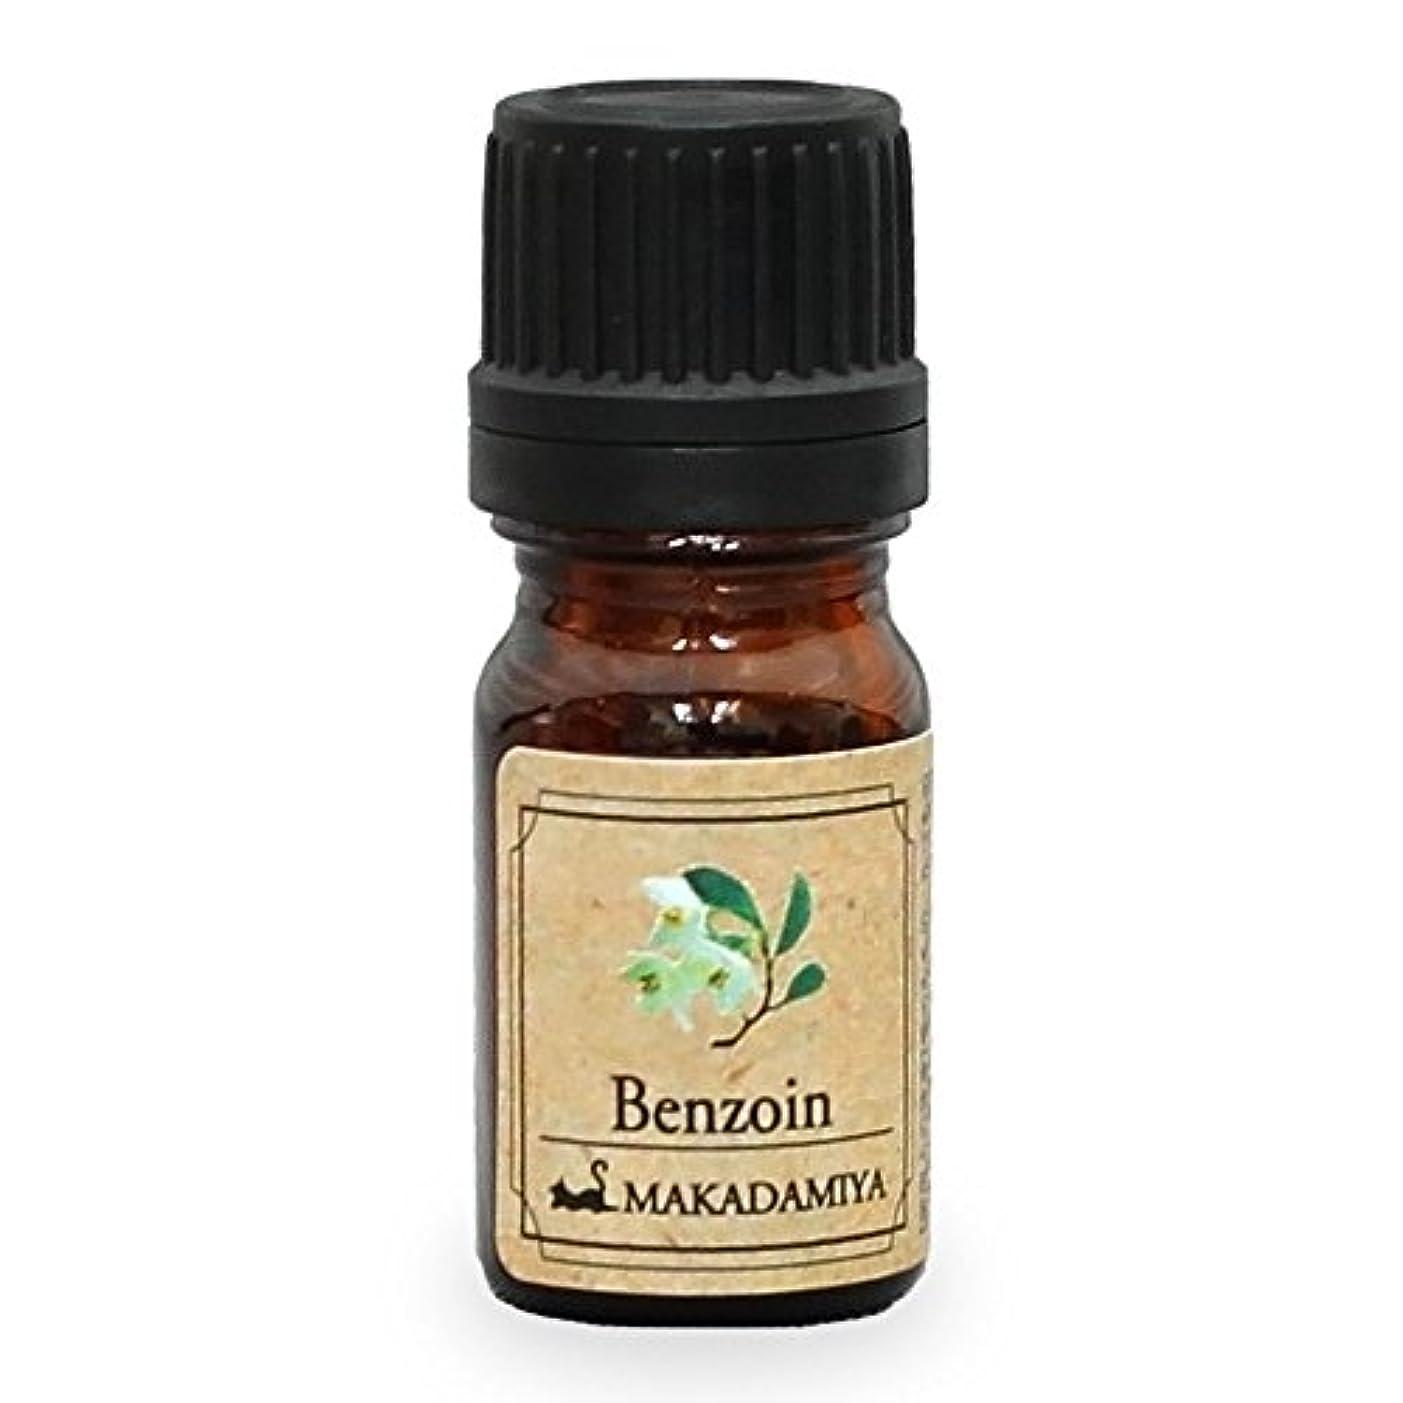 良心スクリーチエイリアンベンゾイン5ml天然100%植物性エッセンシャルオイル(精油)アロマオイルアロママッサージアロマテラピーaroma Benzoin